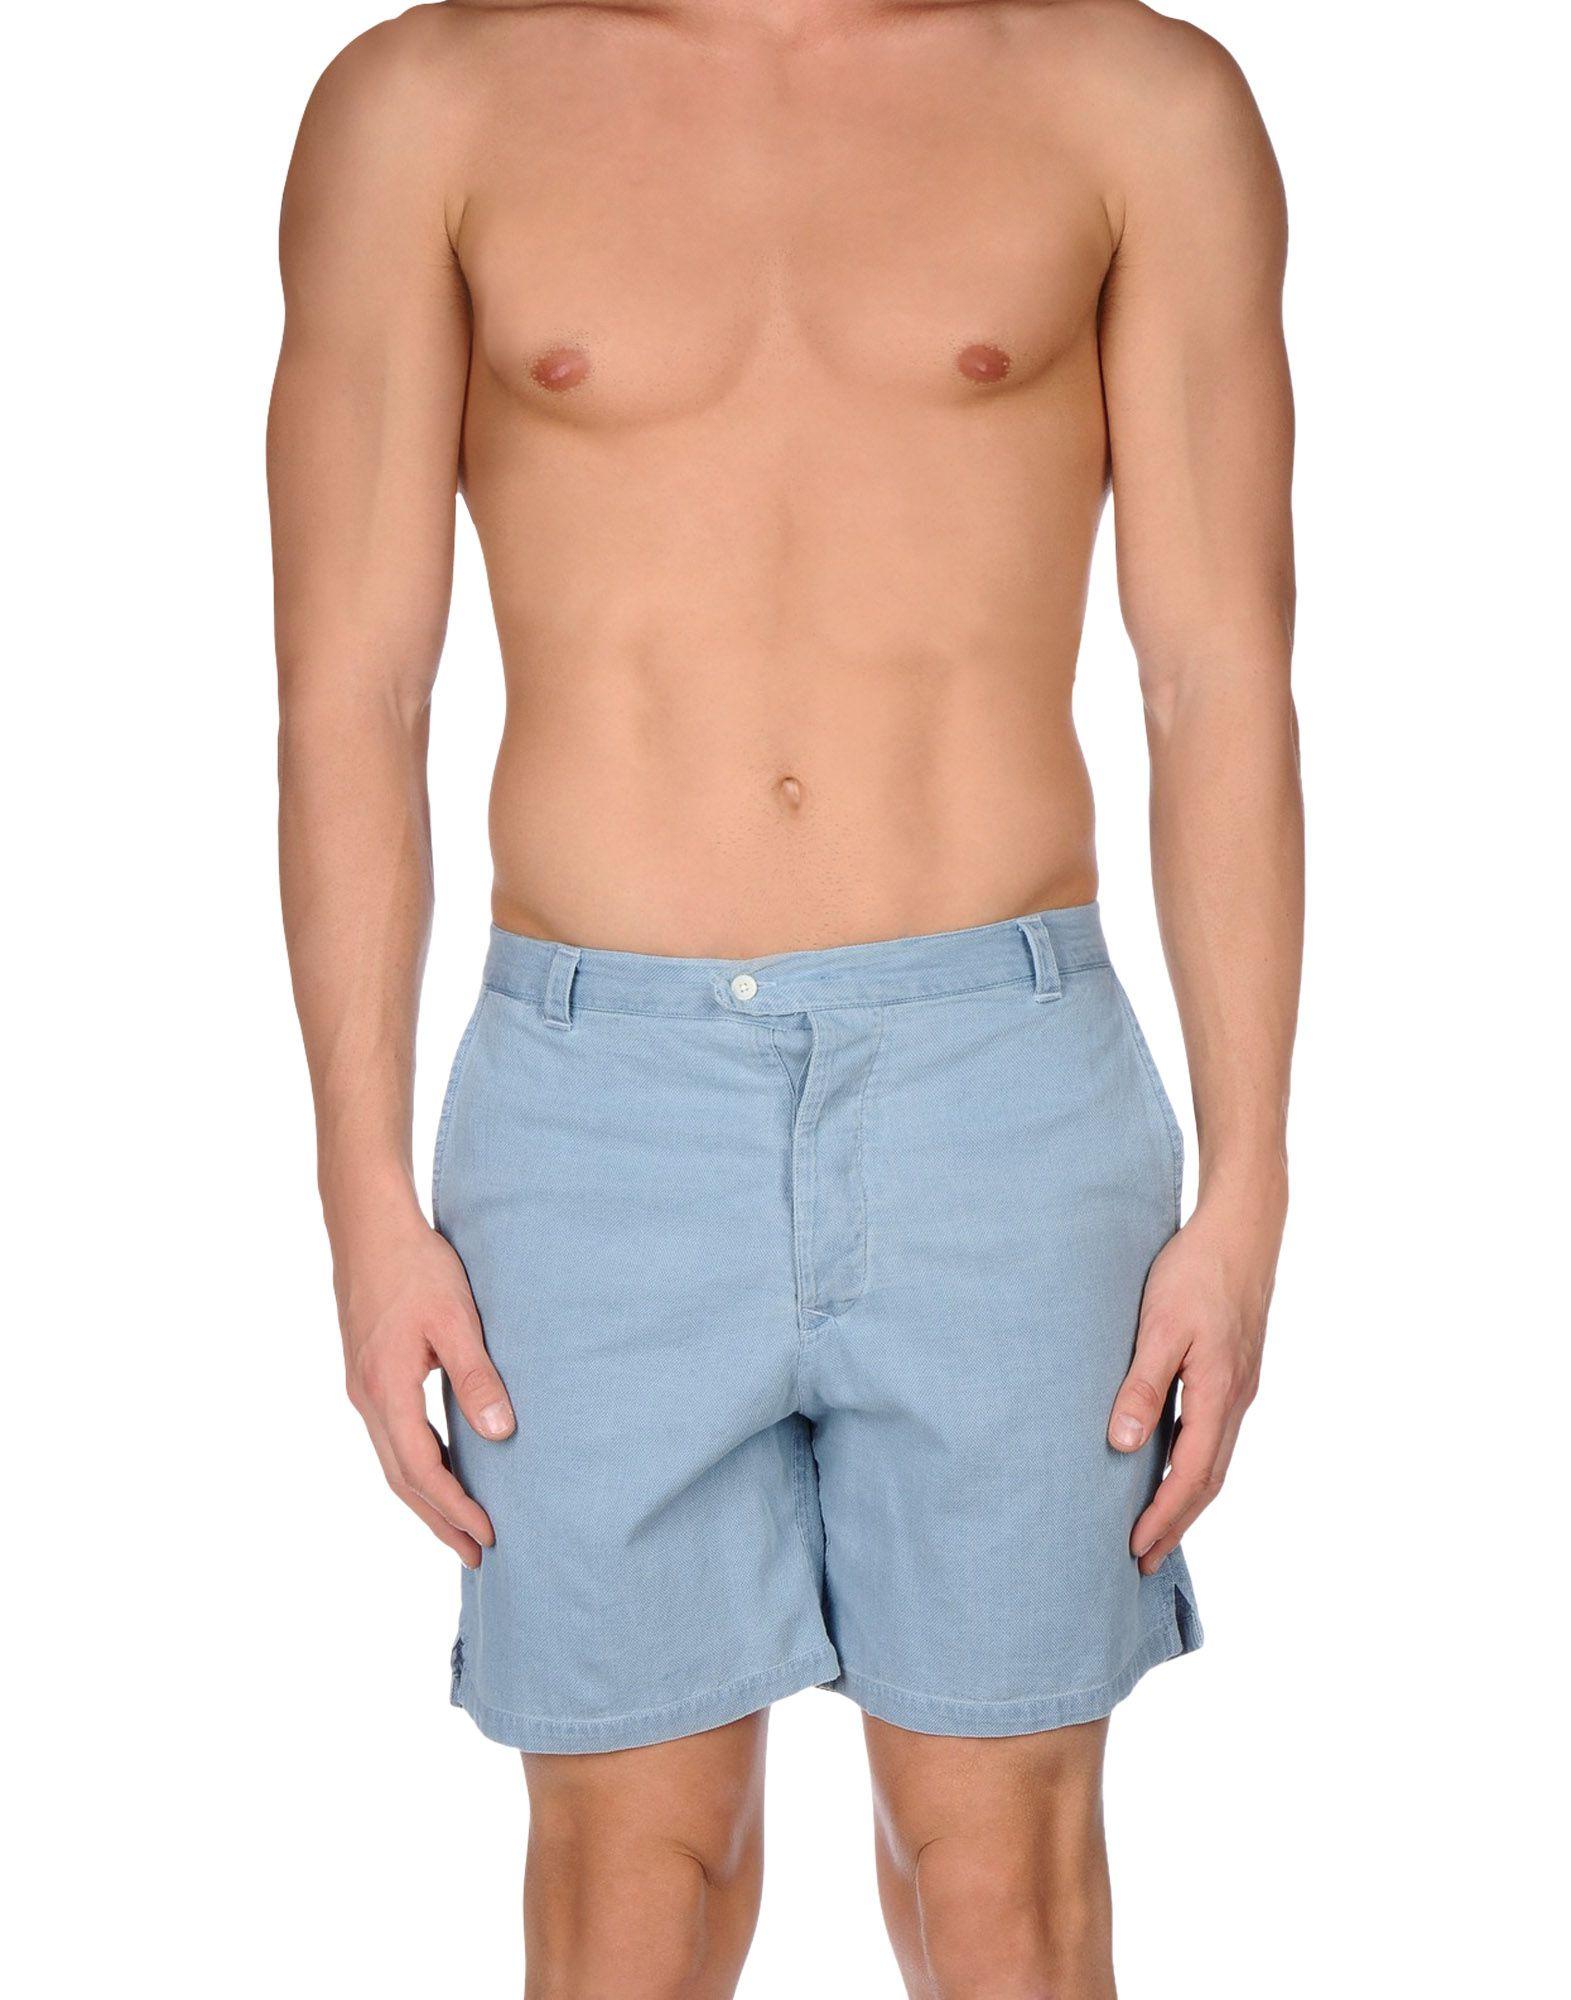 купить DEPERLU Пляжные брюки и шорты по цене 1550 рублей